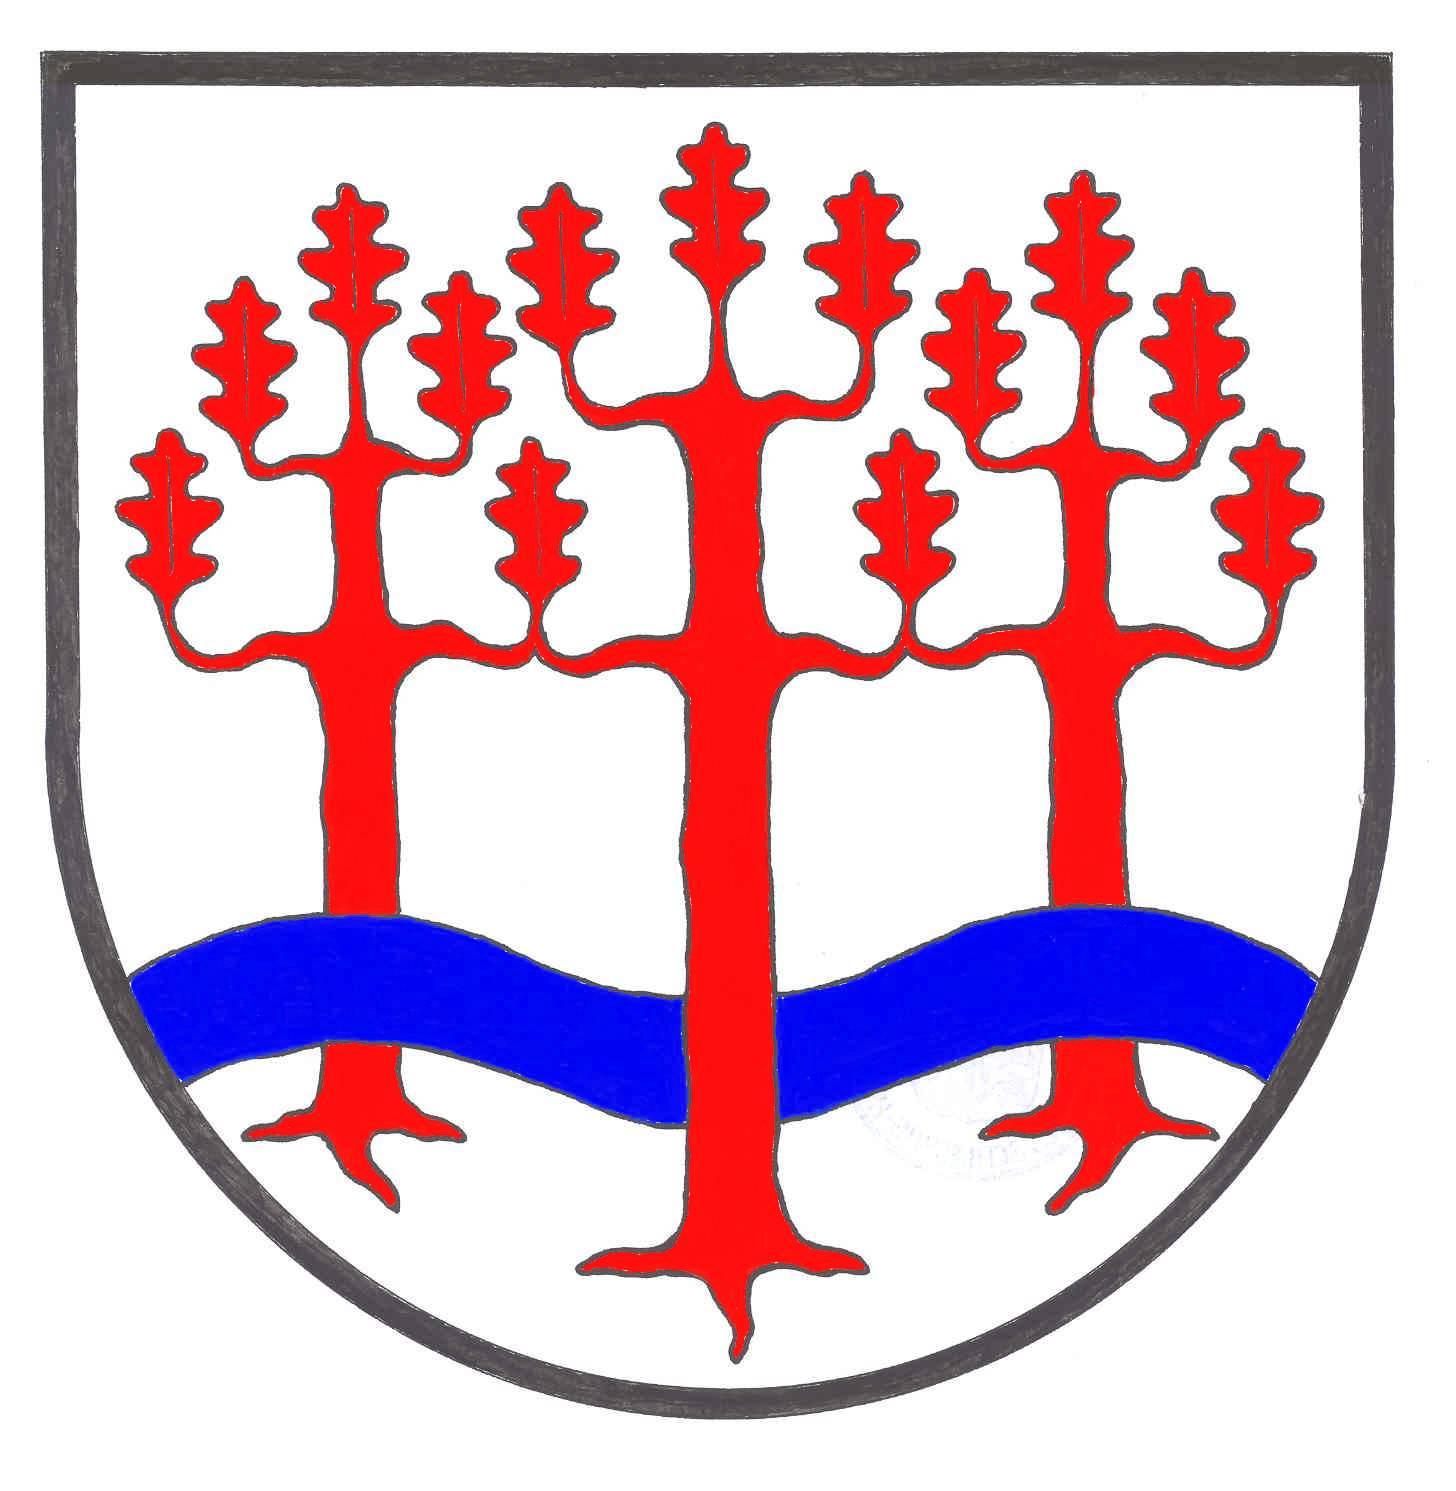 Wappen GemeindeHolzdorf, Kreis Rendsburg-Eckernförde